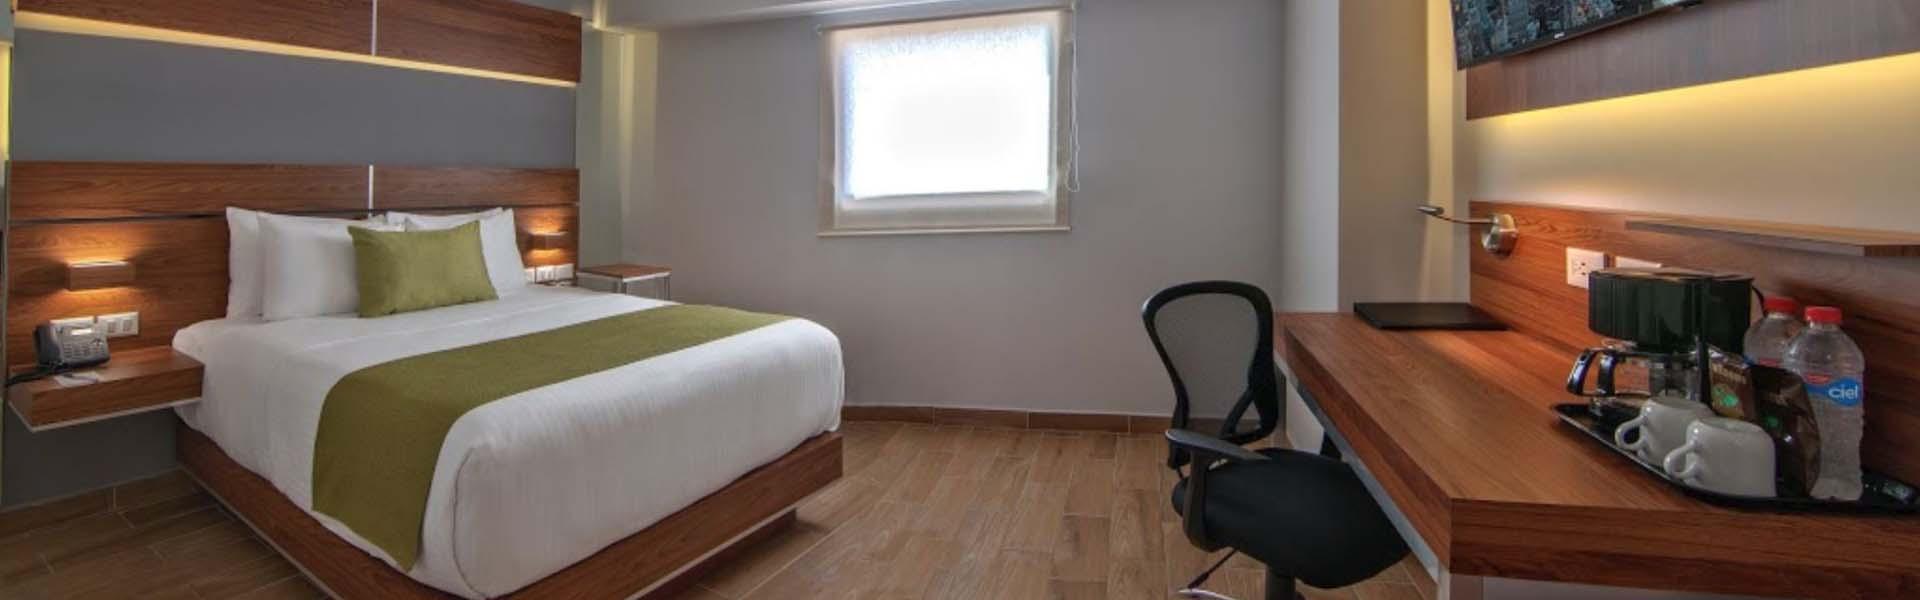 hotel-sleep-inn-tijuana